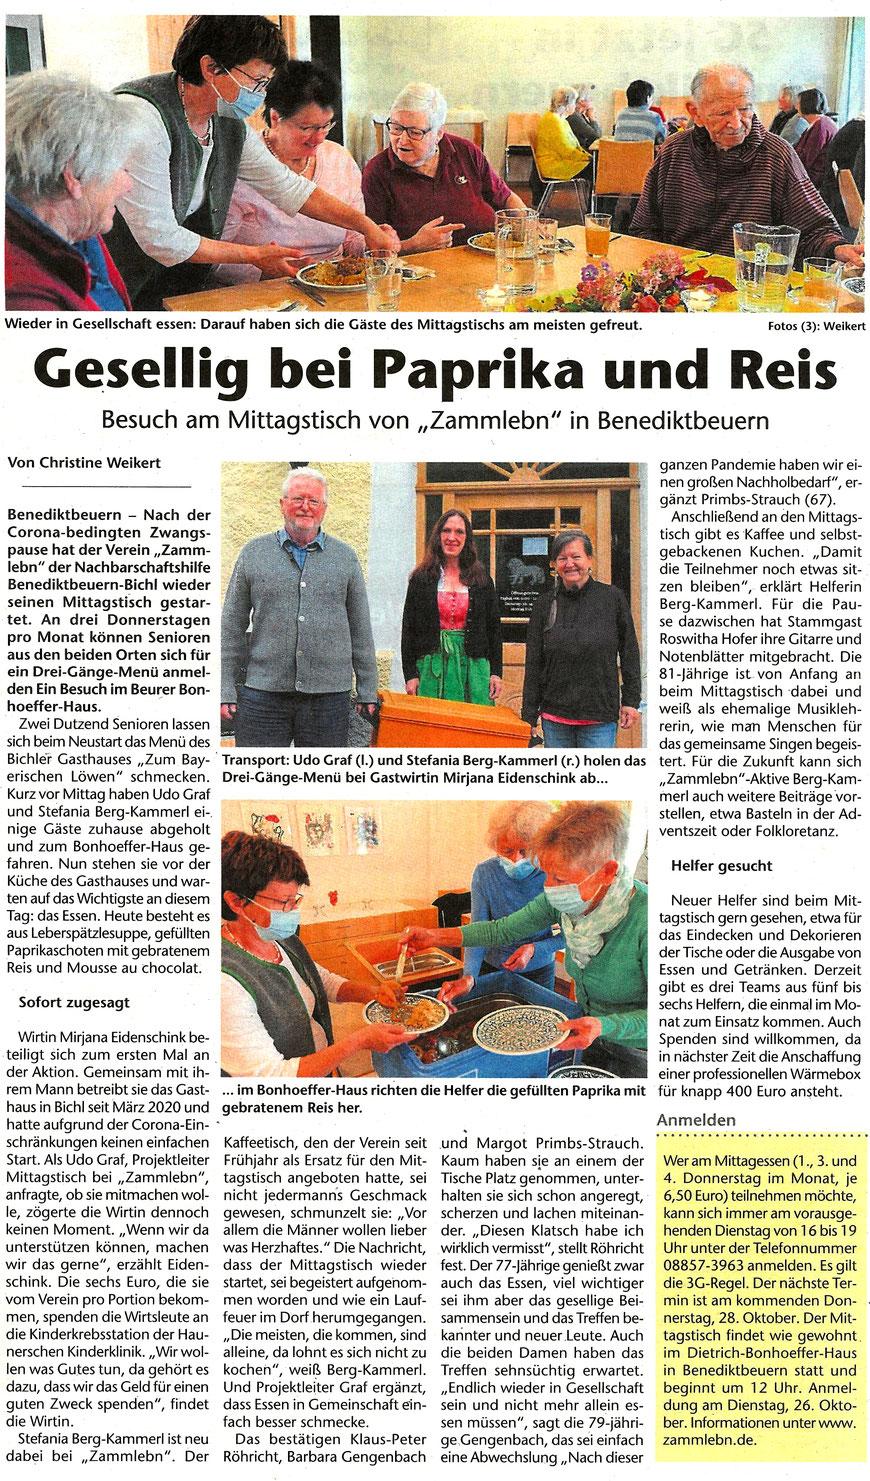 Bericht von Christine Weikert im Gelben Blatt Penzberg vom 23.Oktober 2021